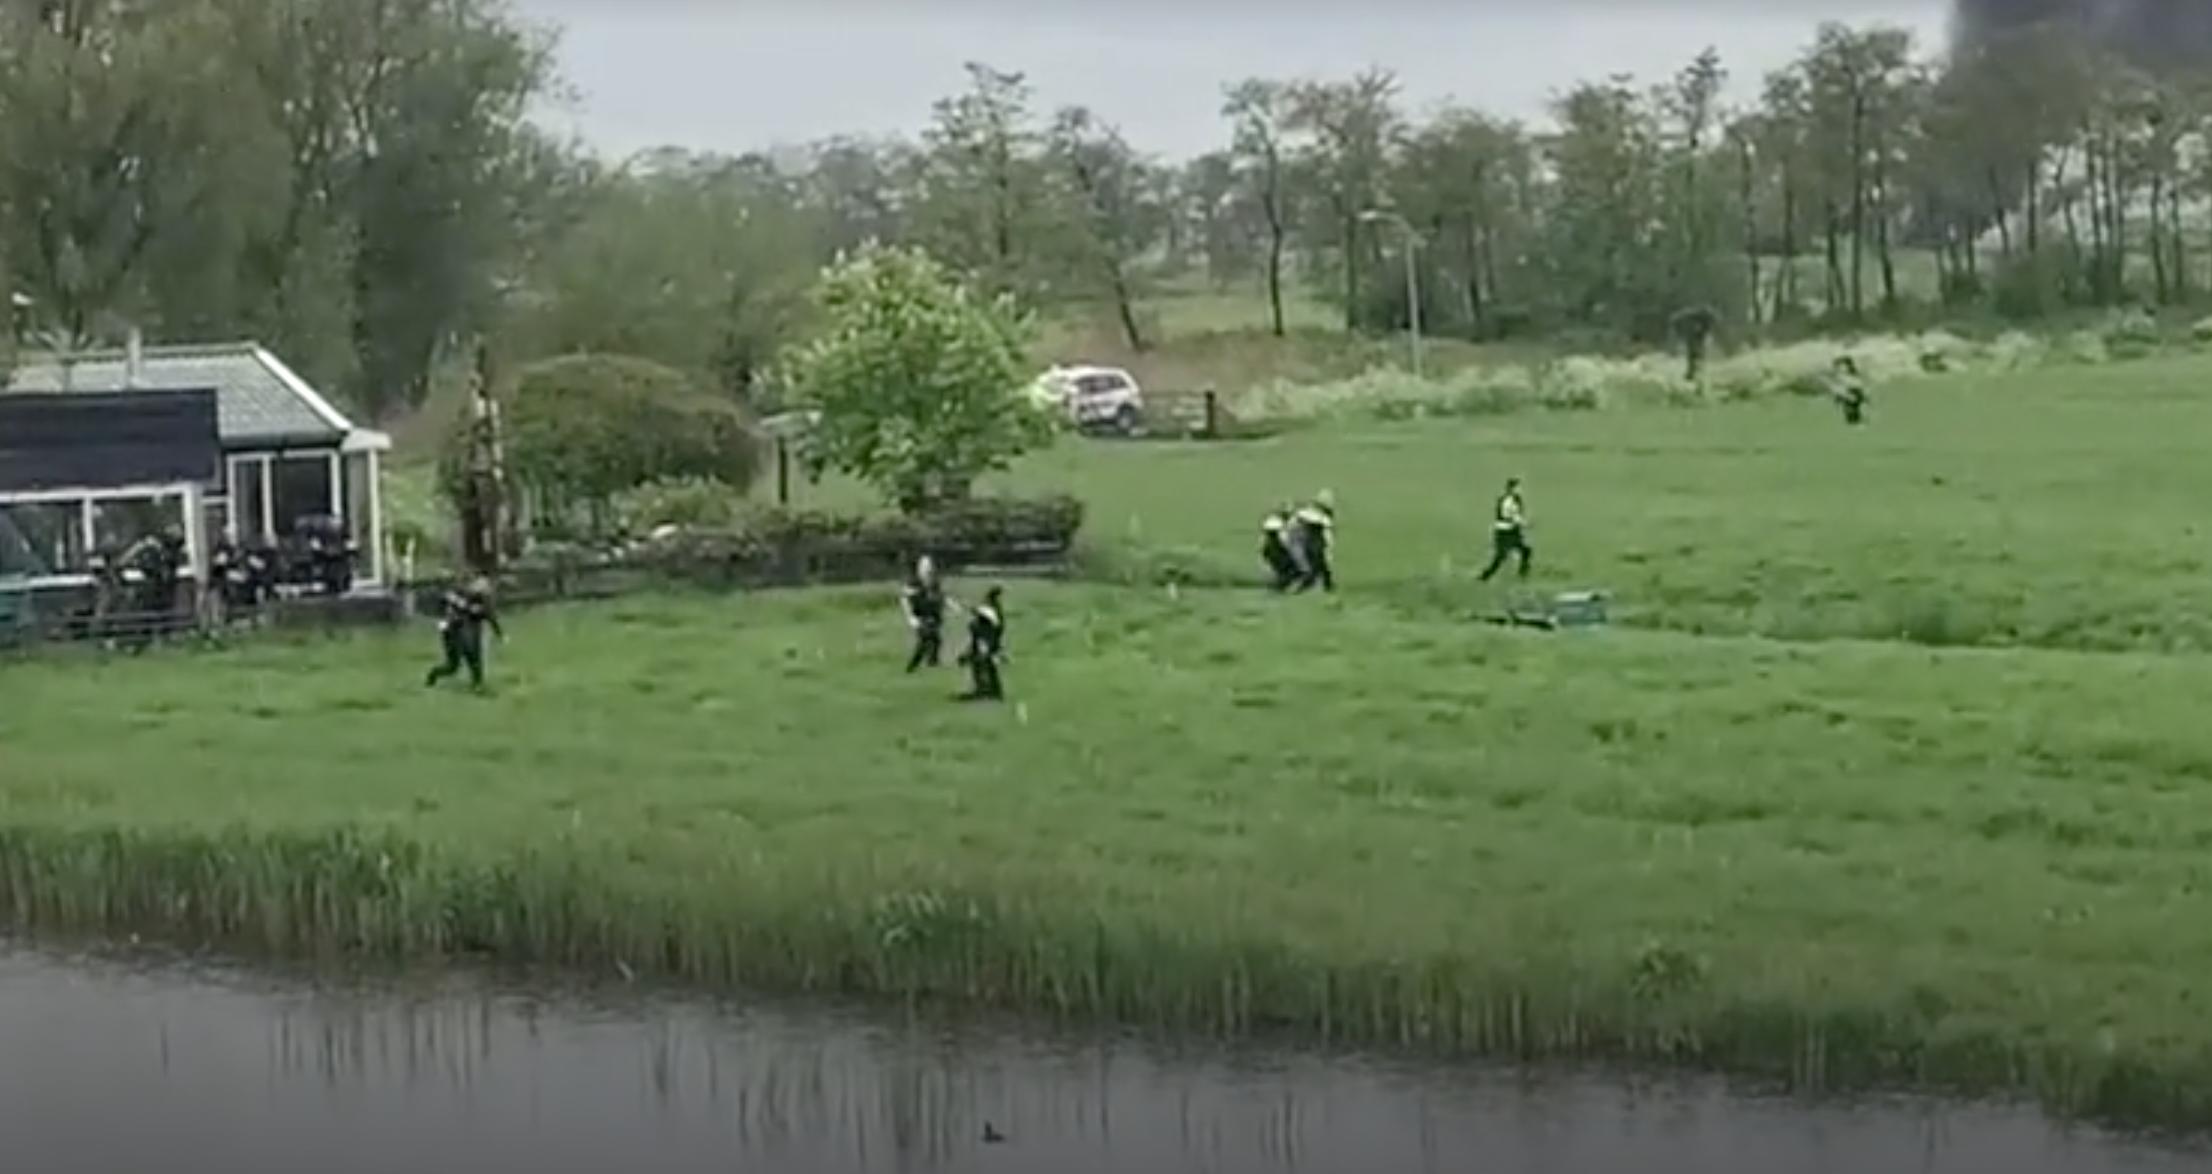 Inwoner Broek in Waterland start crowdfunding voor politie: 'Als dorp een gebaar maken'